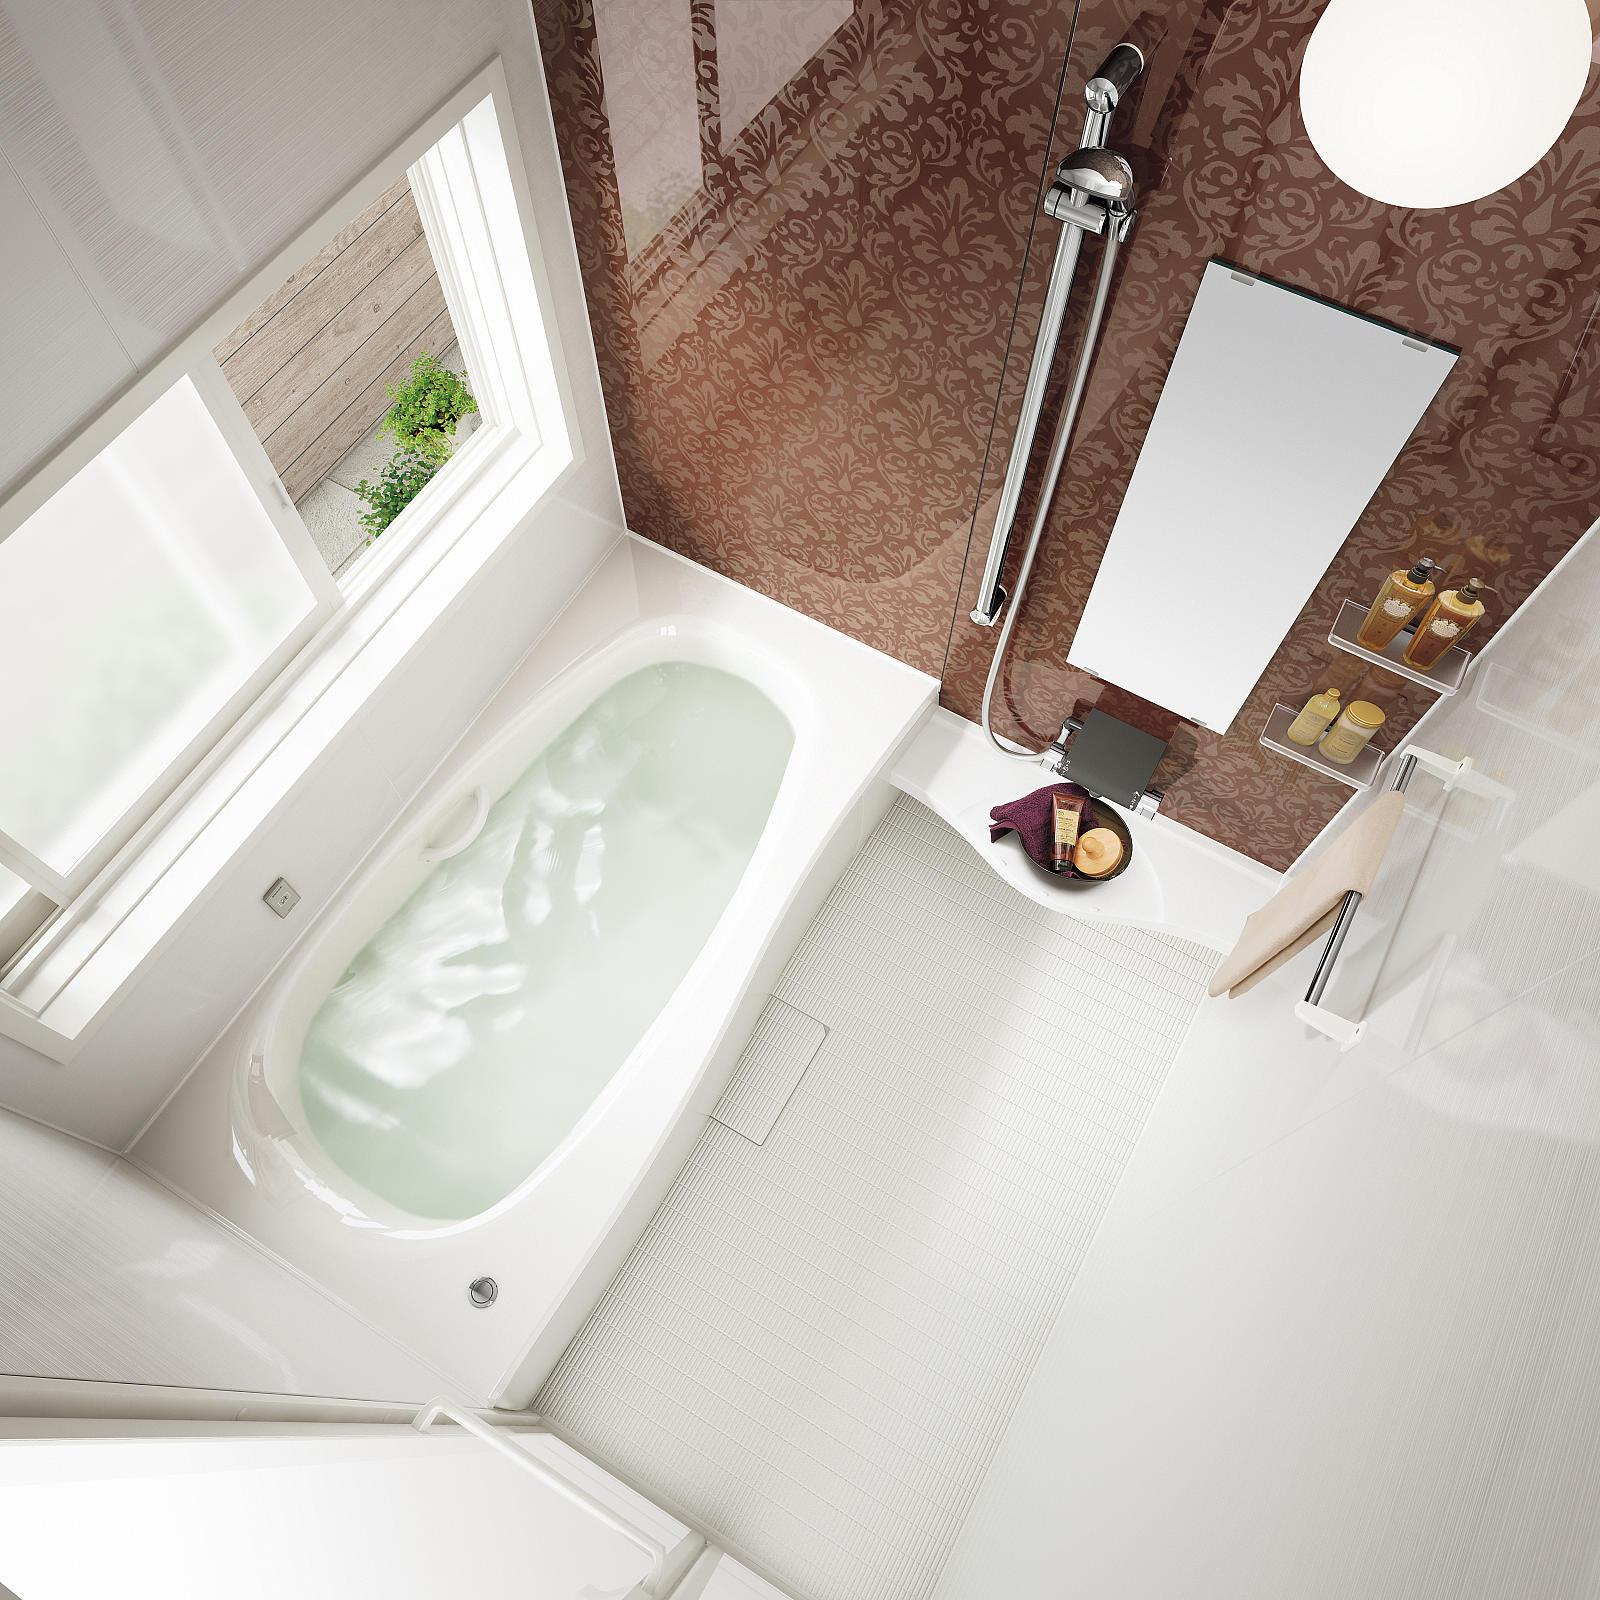 お湯がでないときの対処法。給湯器、リモコンの通信エラーを確認しよう